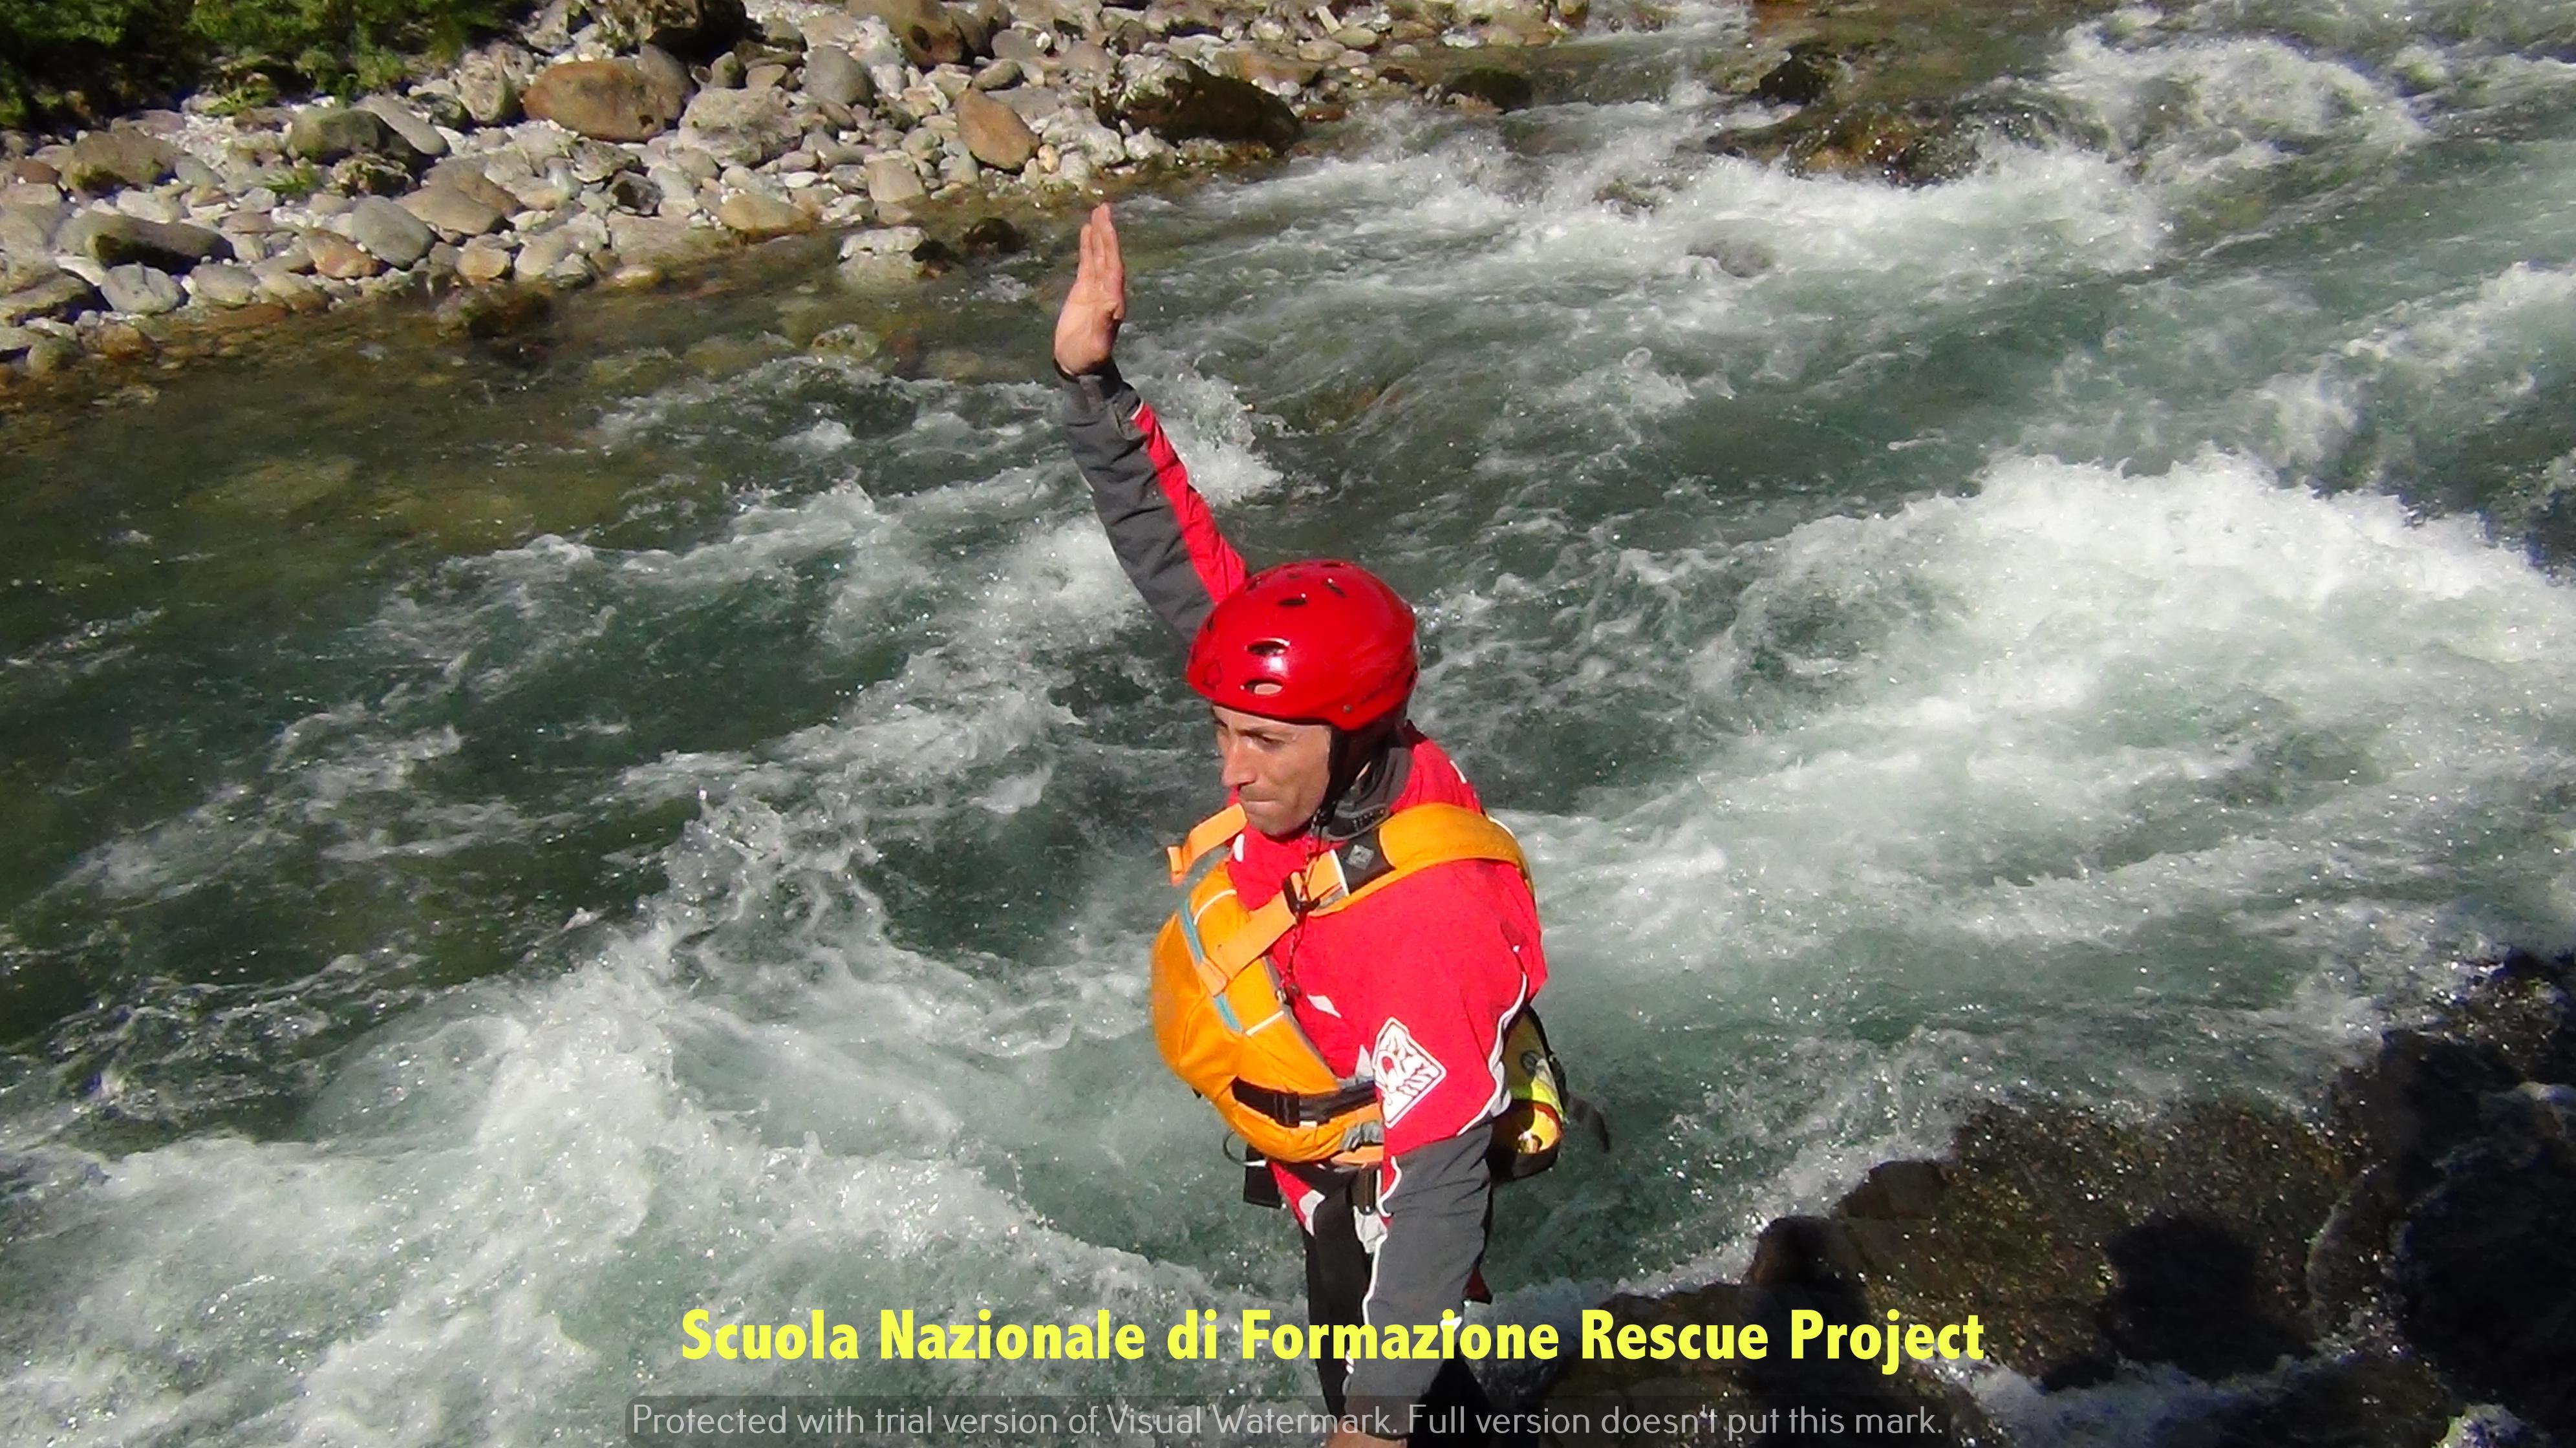 Scuola Nazionale di Formazione Rescue Project7